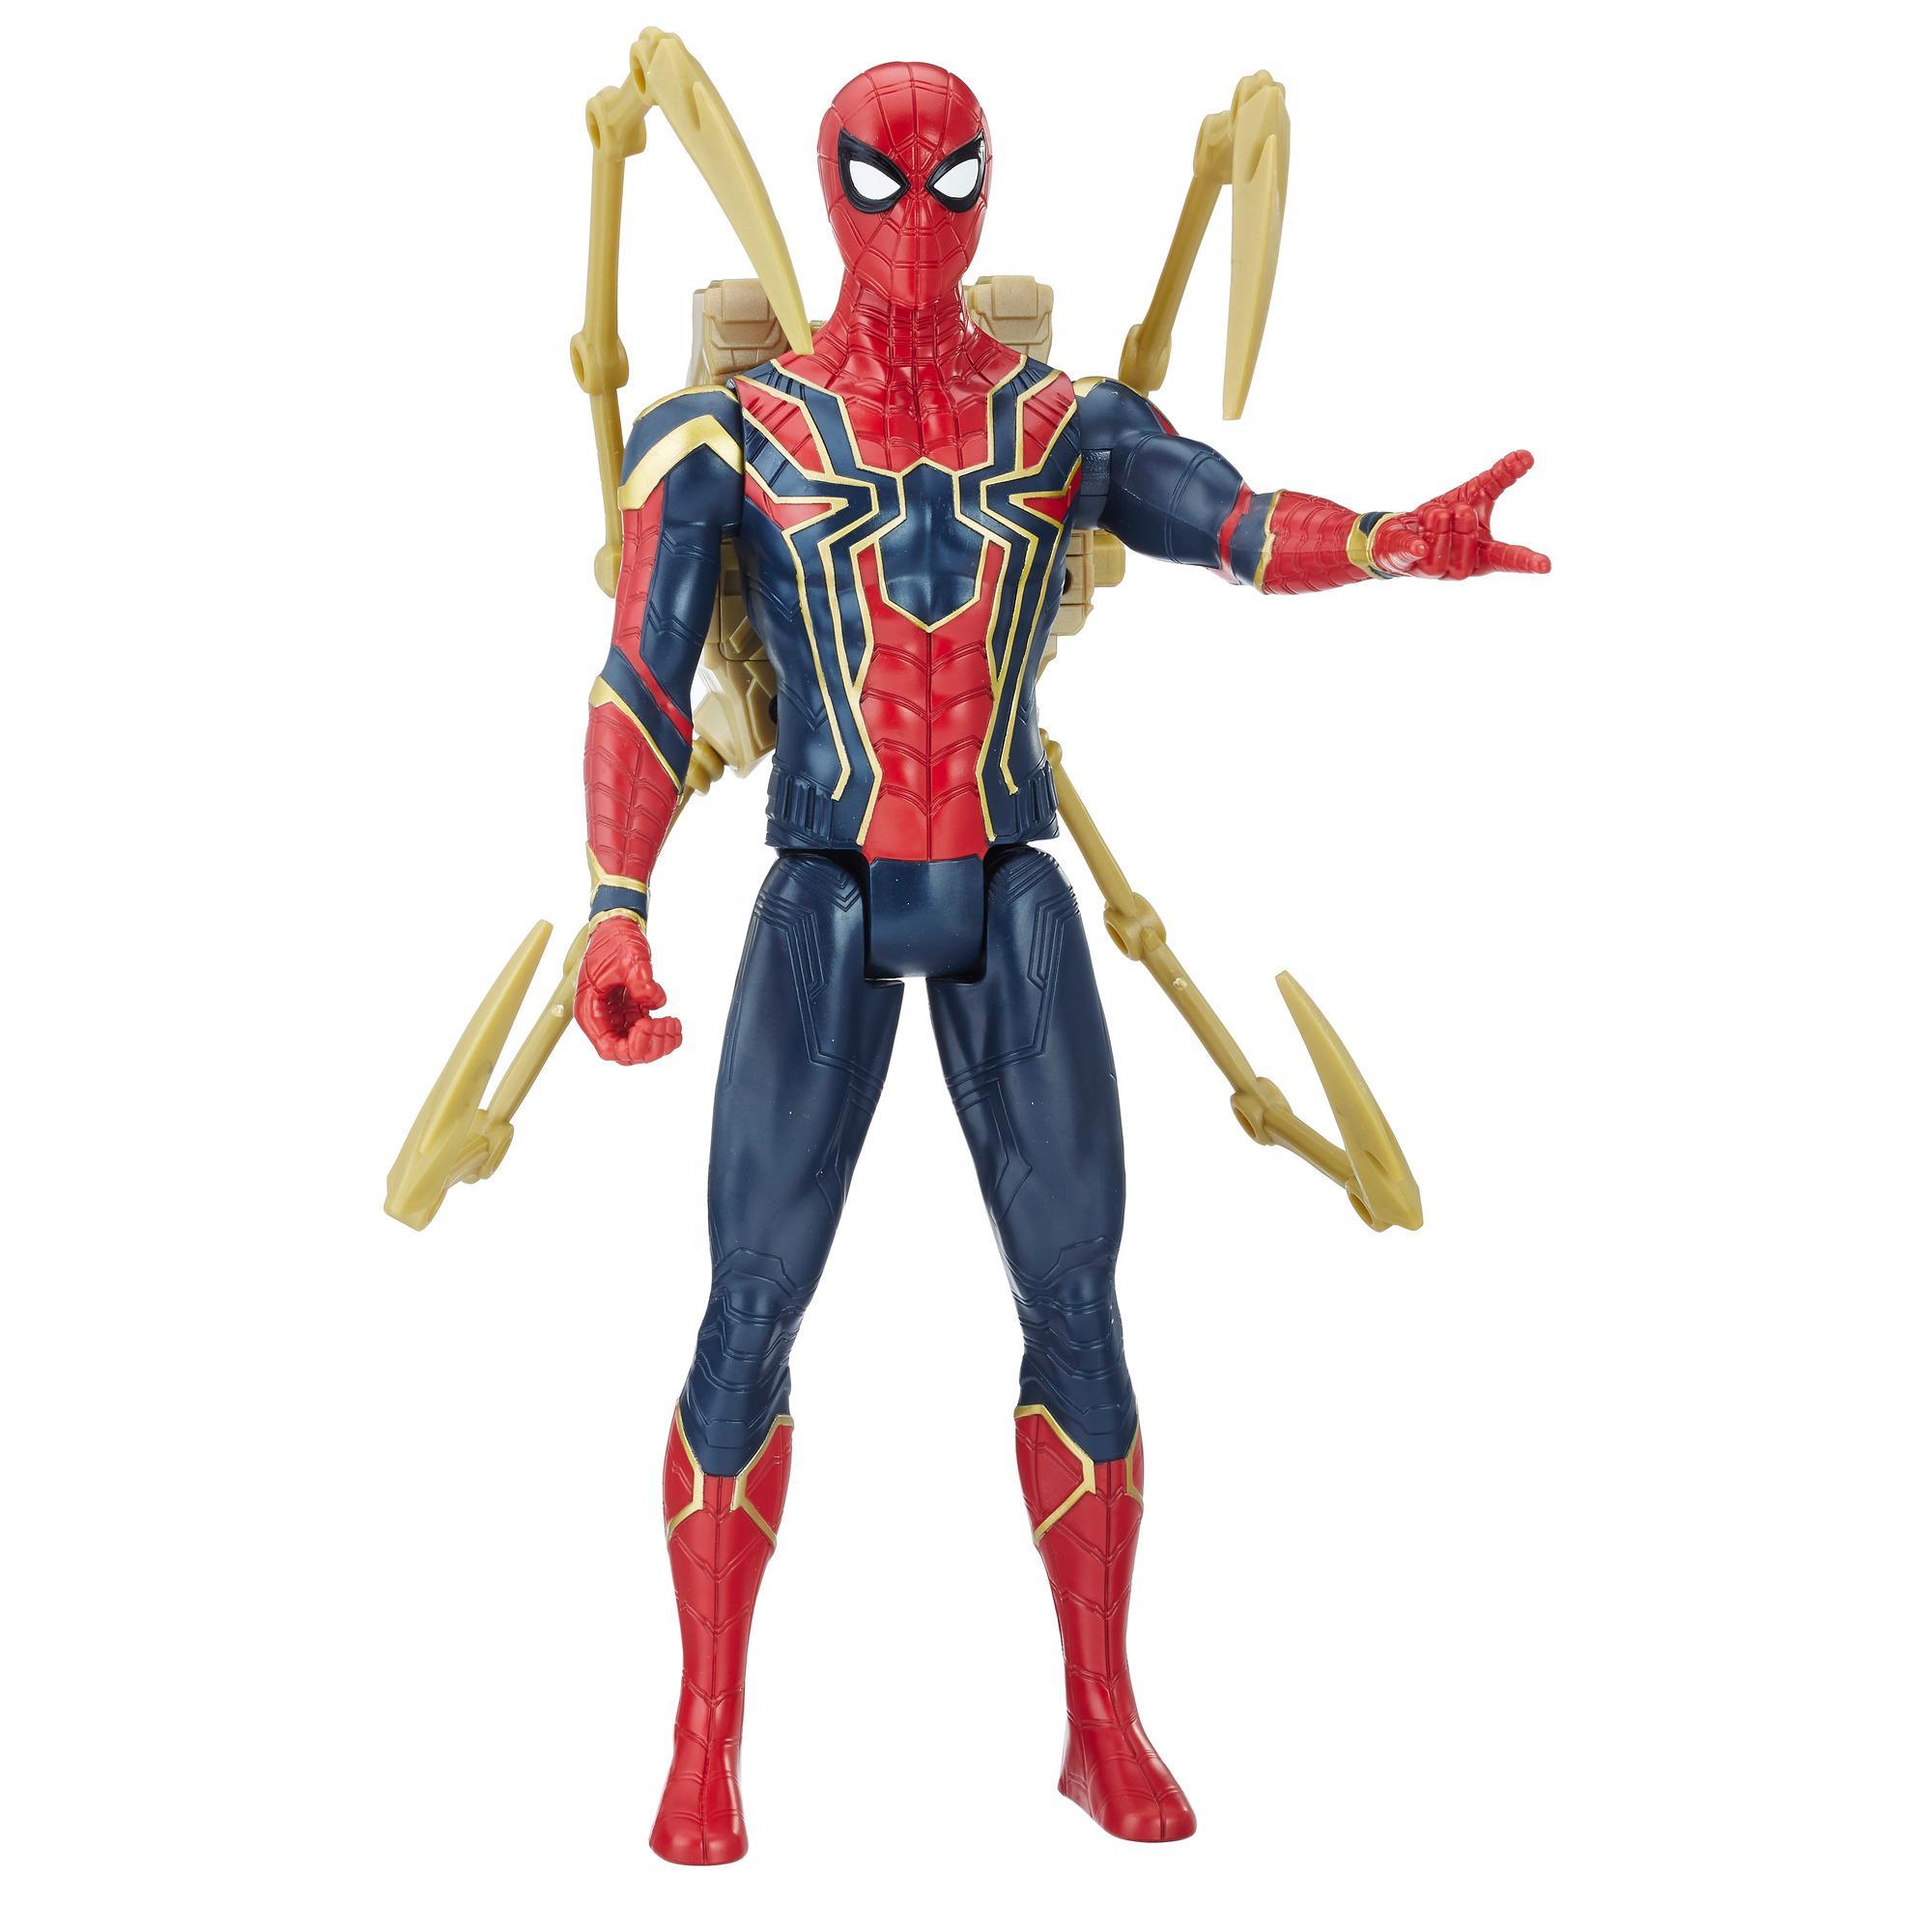 Фигурка Человека-паука  Пауэр Пэк со звуковыми и световыми эффектами